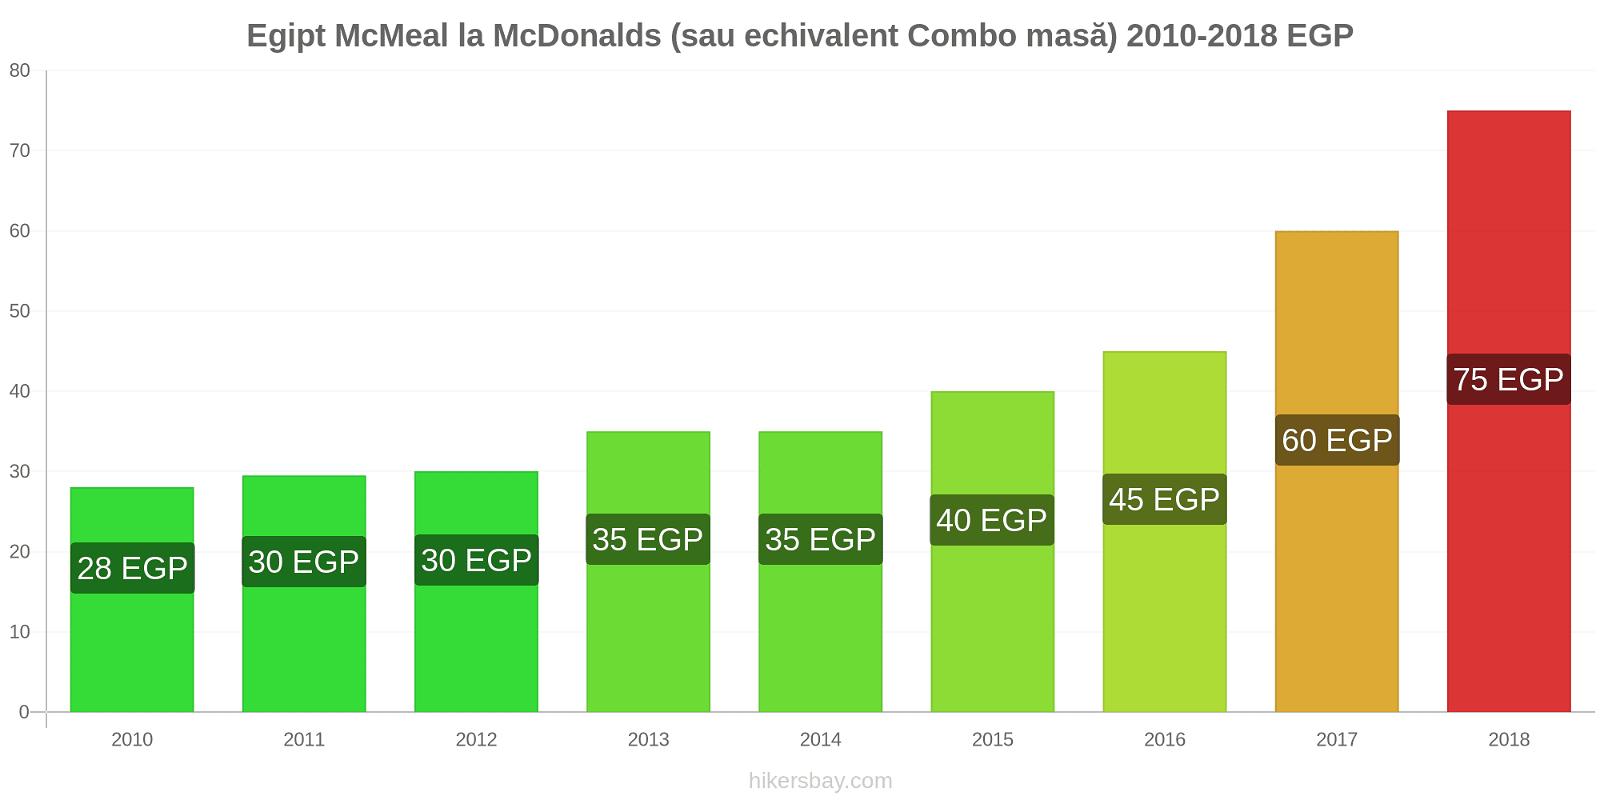 Egipt modificări de preț McMeal la McDonalds (sau echivalent Combo masă) hikersbay.com